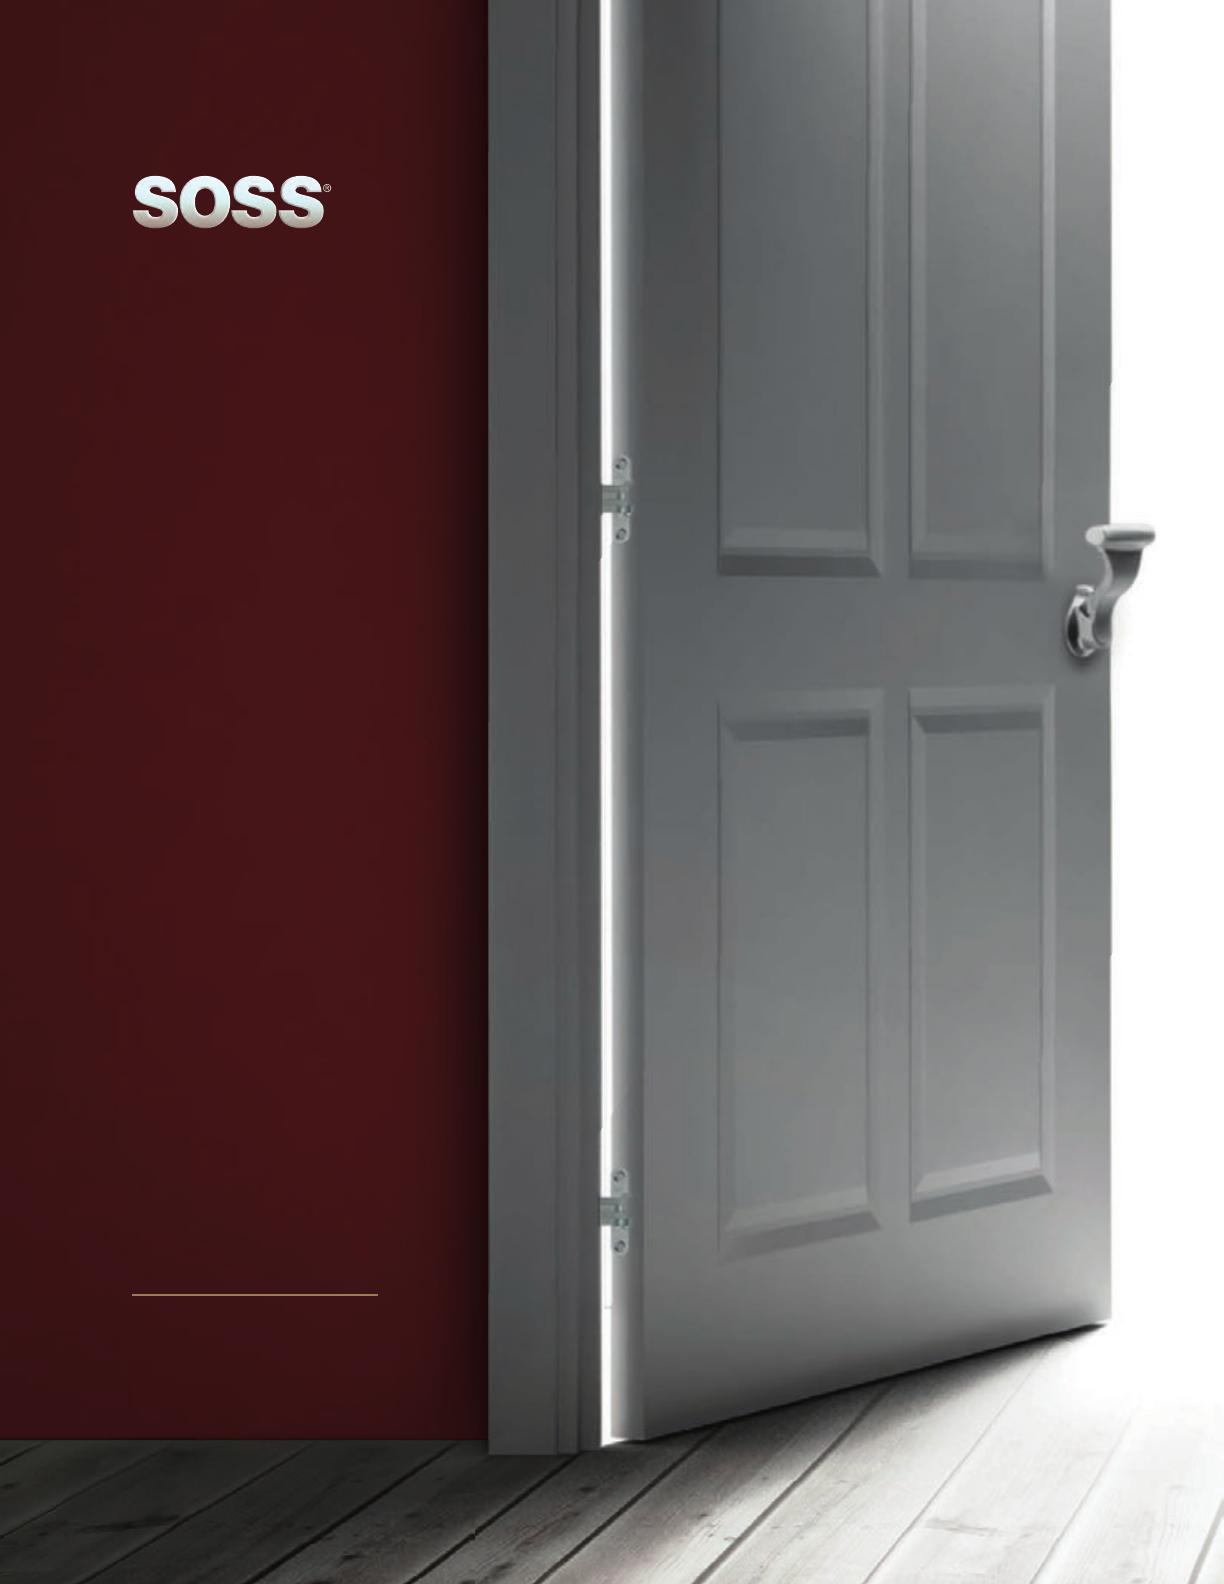 SOSS Zinc Magnetic Door Stop with Hidden Screw Mounts Bright Brass Exterior Finish SOSS Door Hardware MDHBUS3-HS